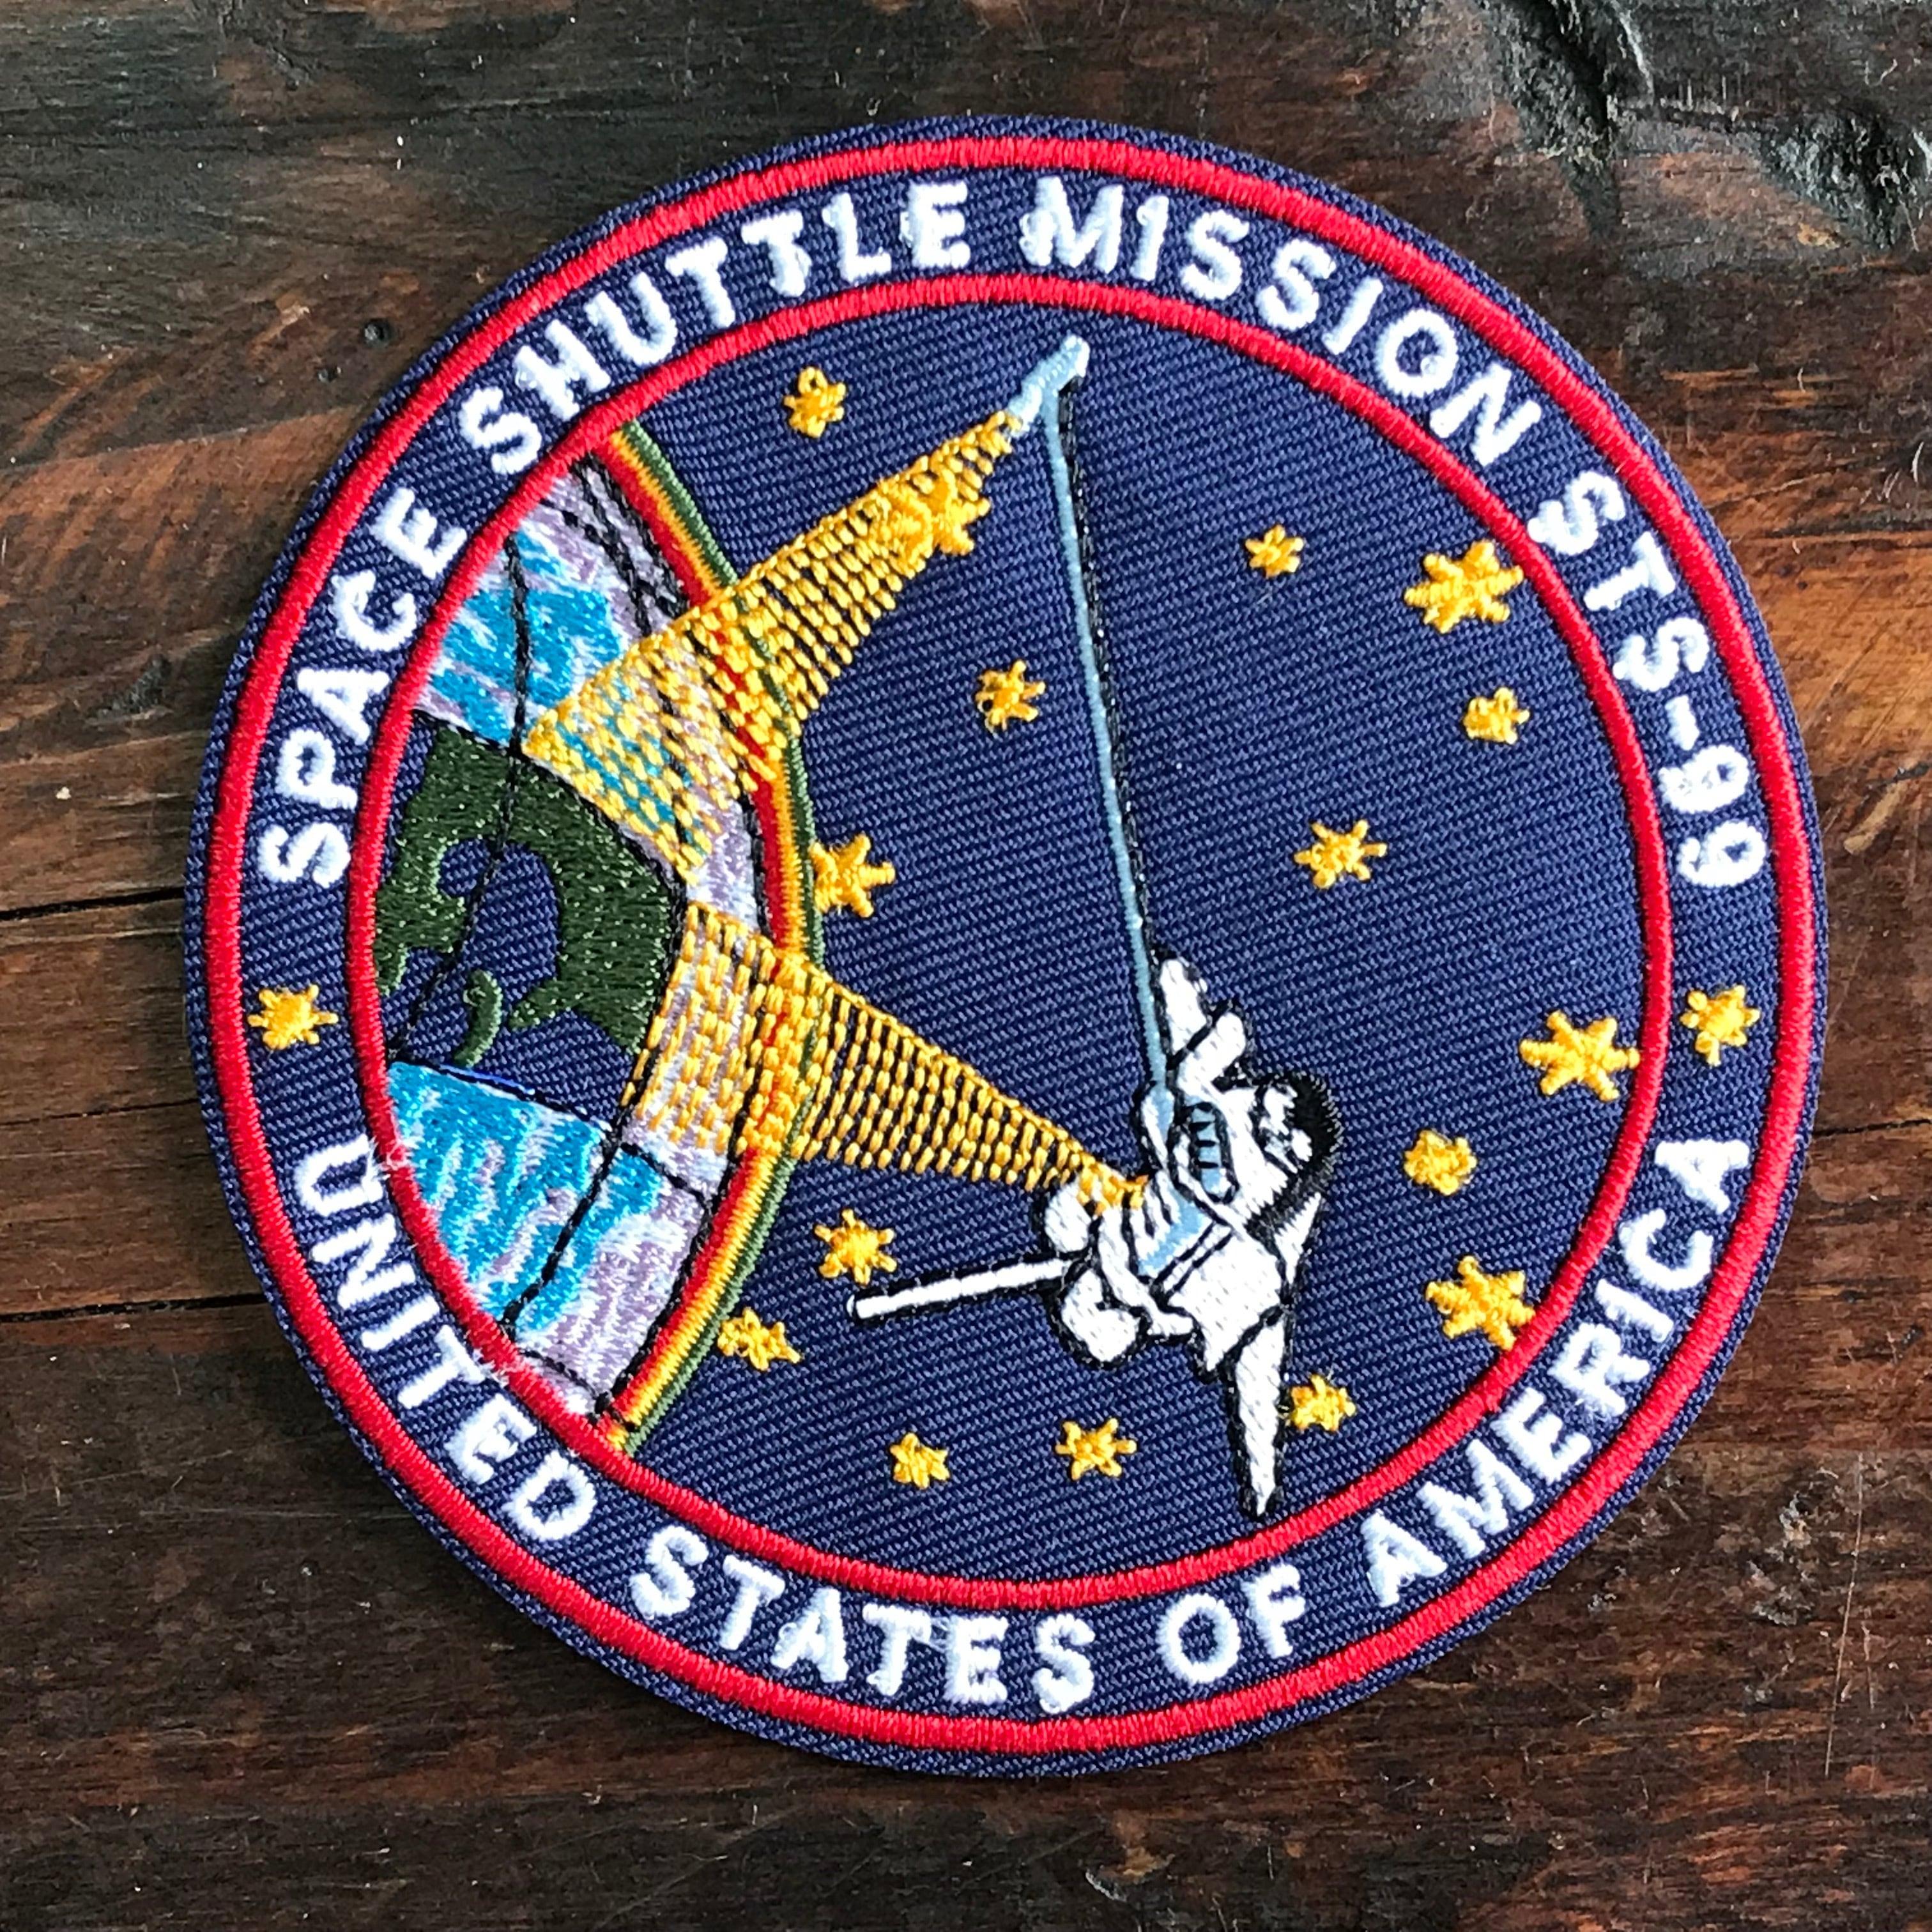 NASA公認(アメリカ航空宇宙局)ワッペン・アップリケ・スペースシャトルミッション・STS-99